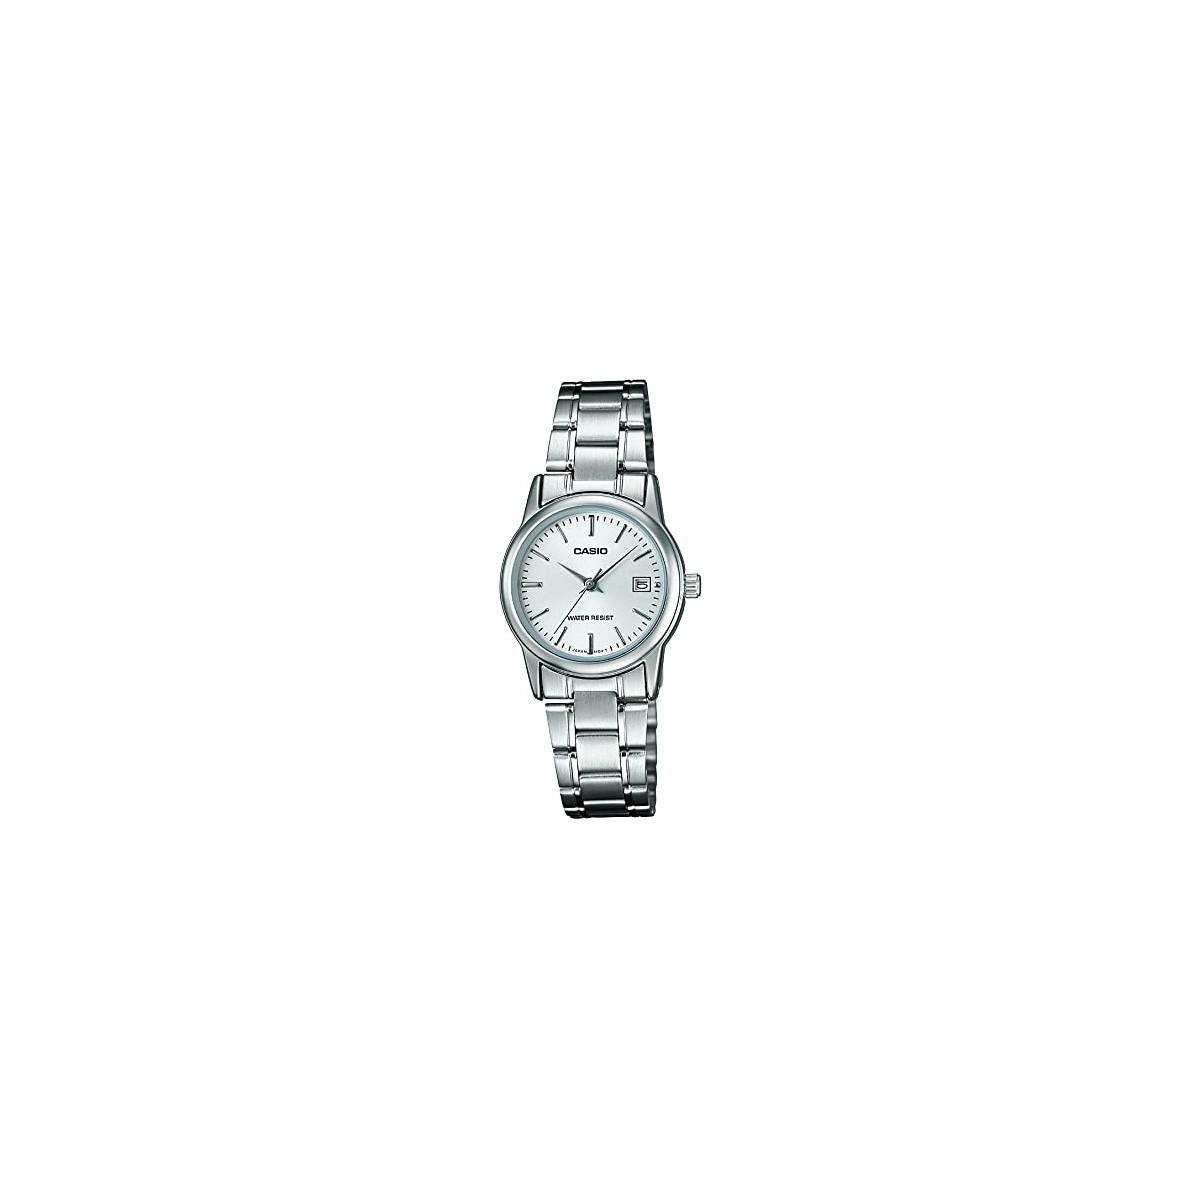 https://www.gaberjoyeria.com/5725-thickbox_default/reloj-casio.jpg